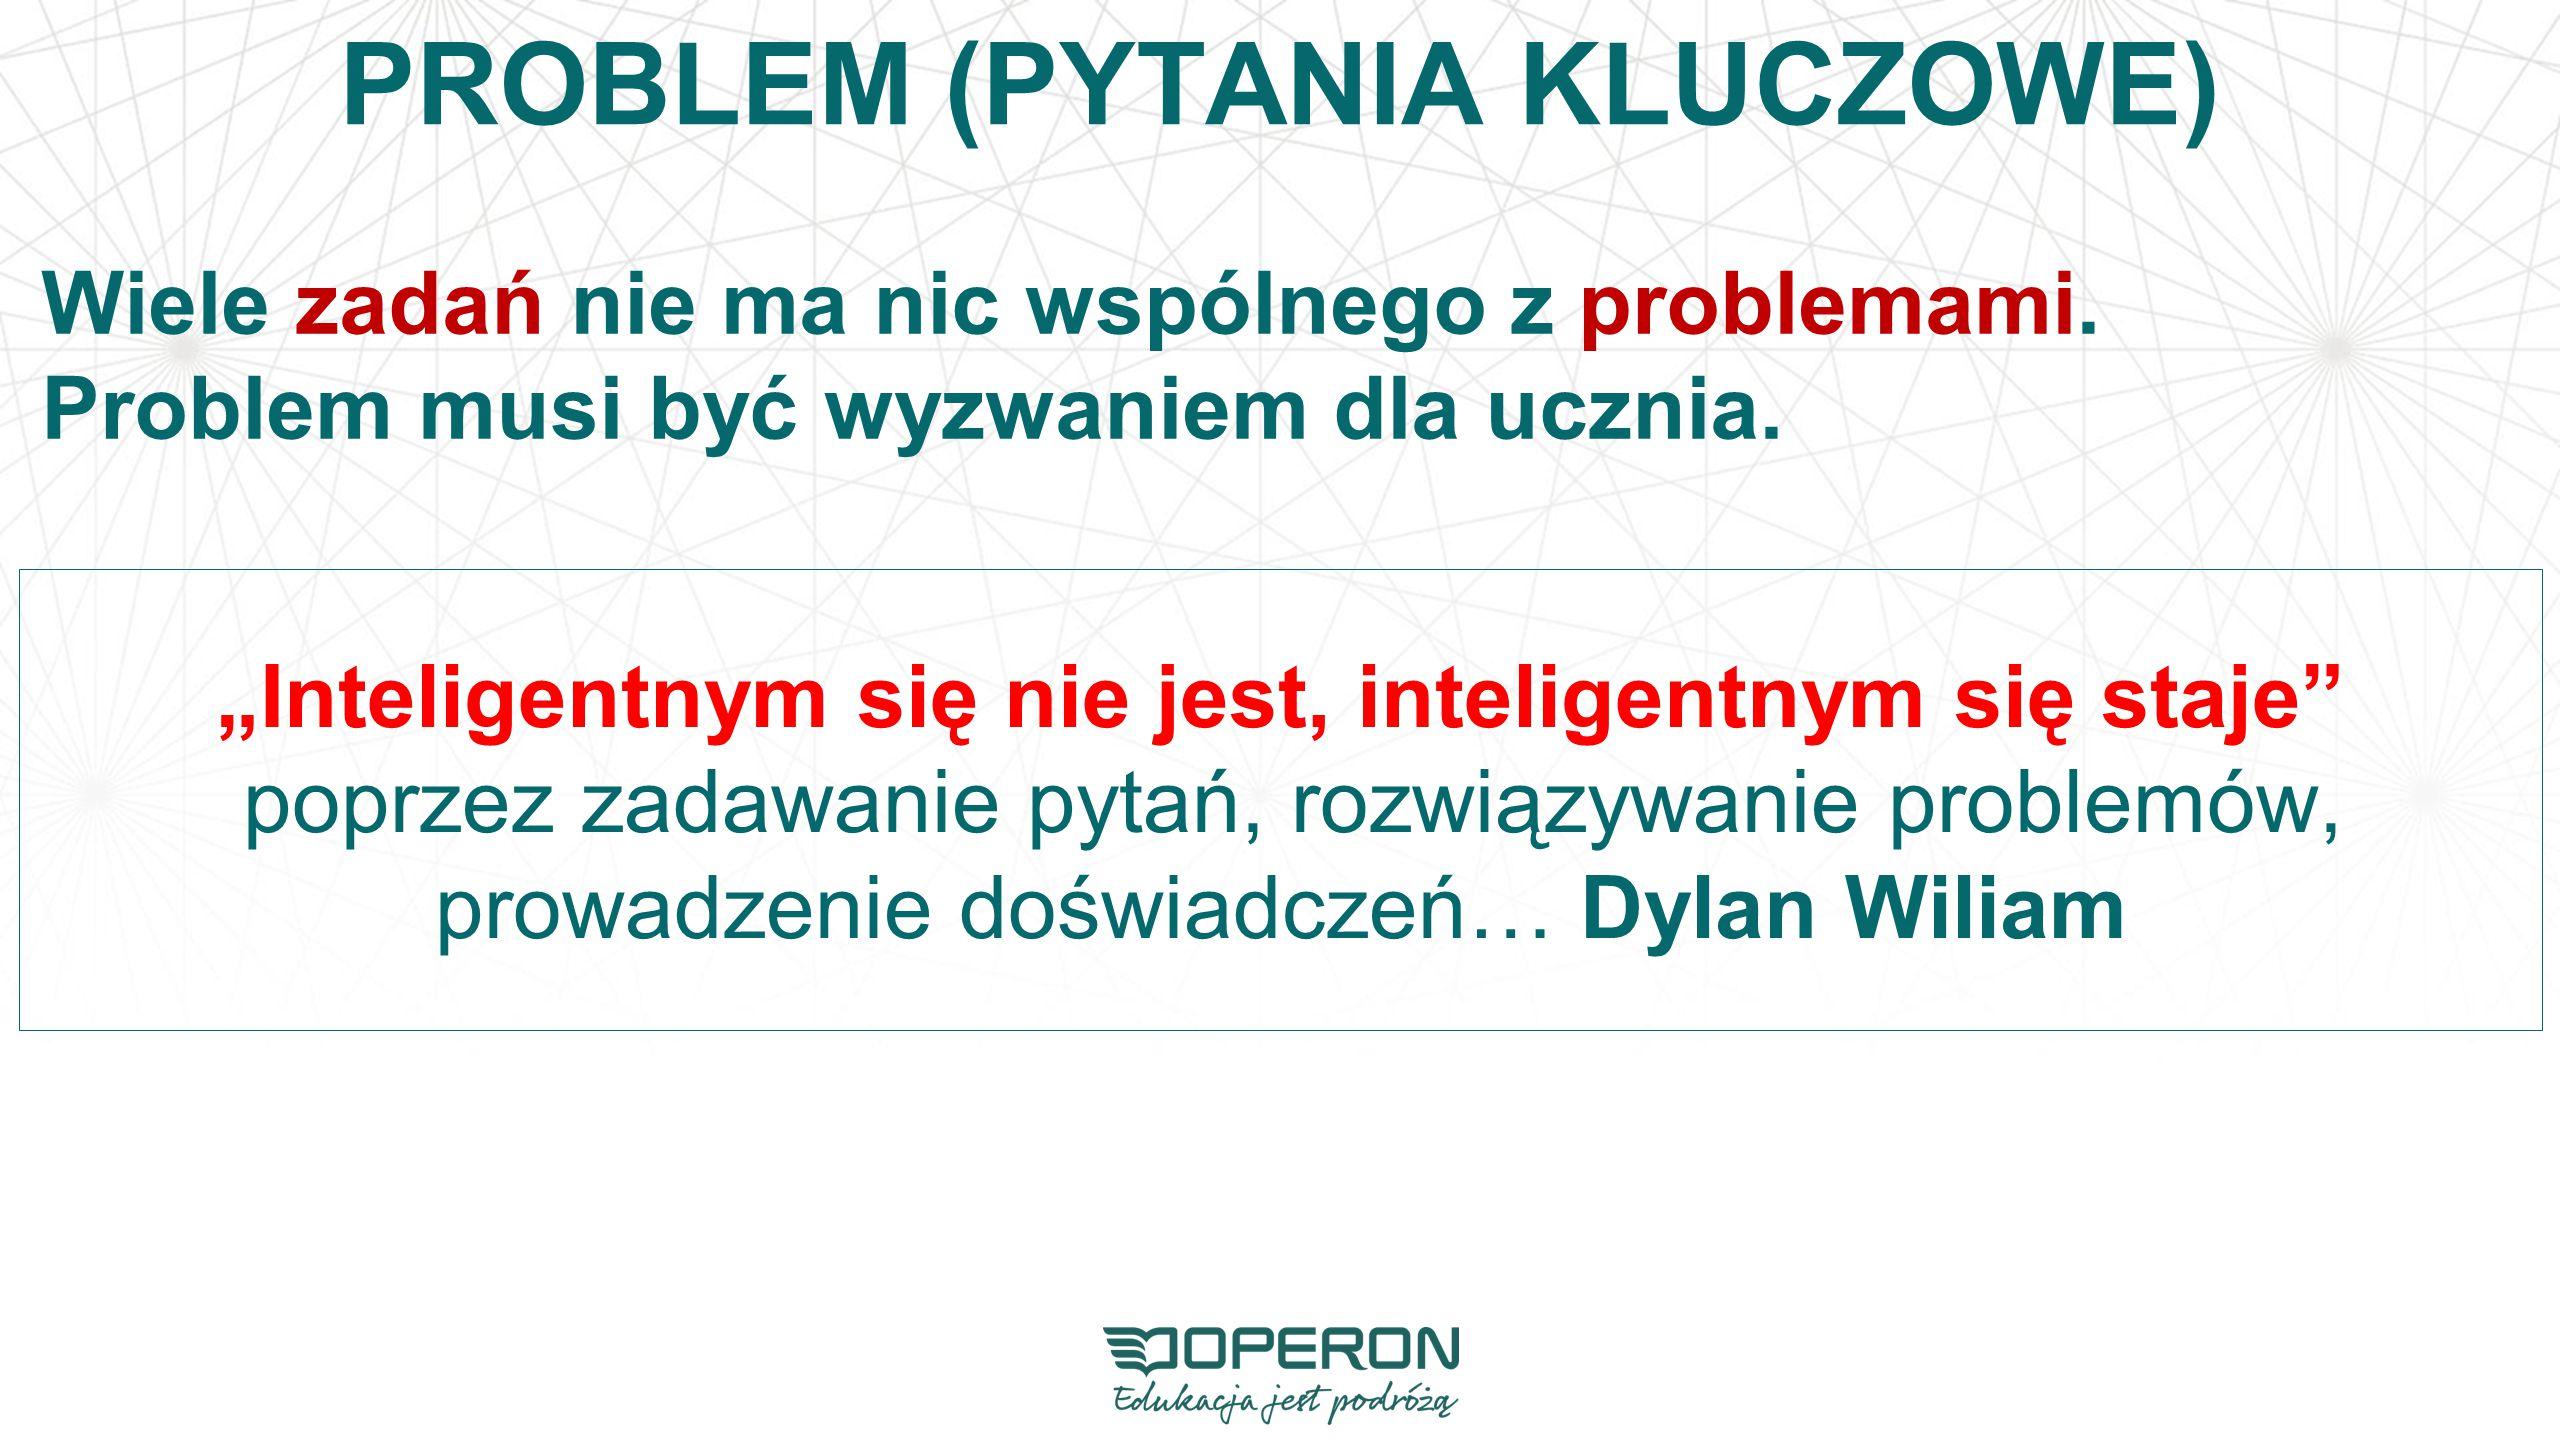 PROBLEM (PYTANIA KLUCZOWE)